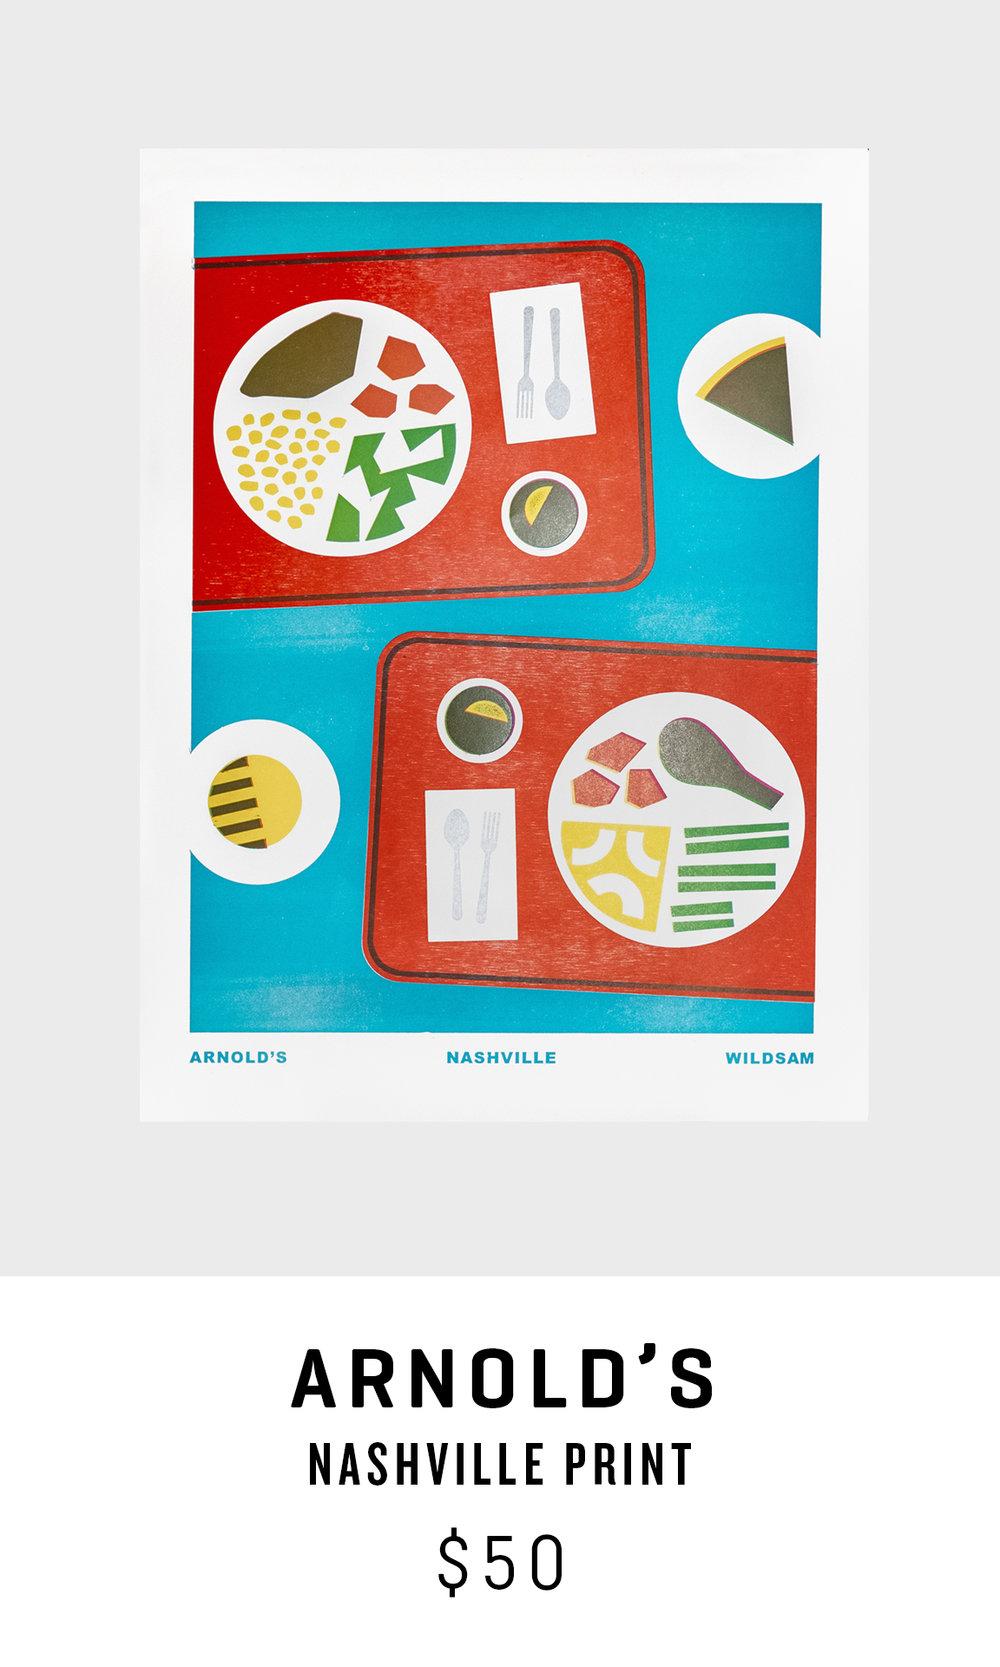 Nashville-Arnolds-Print.jpg